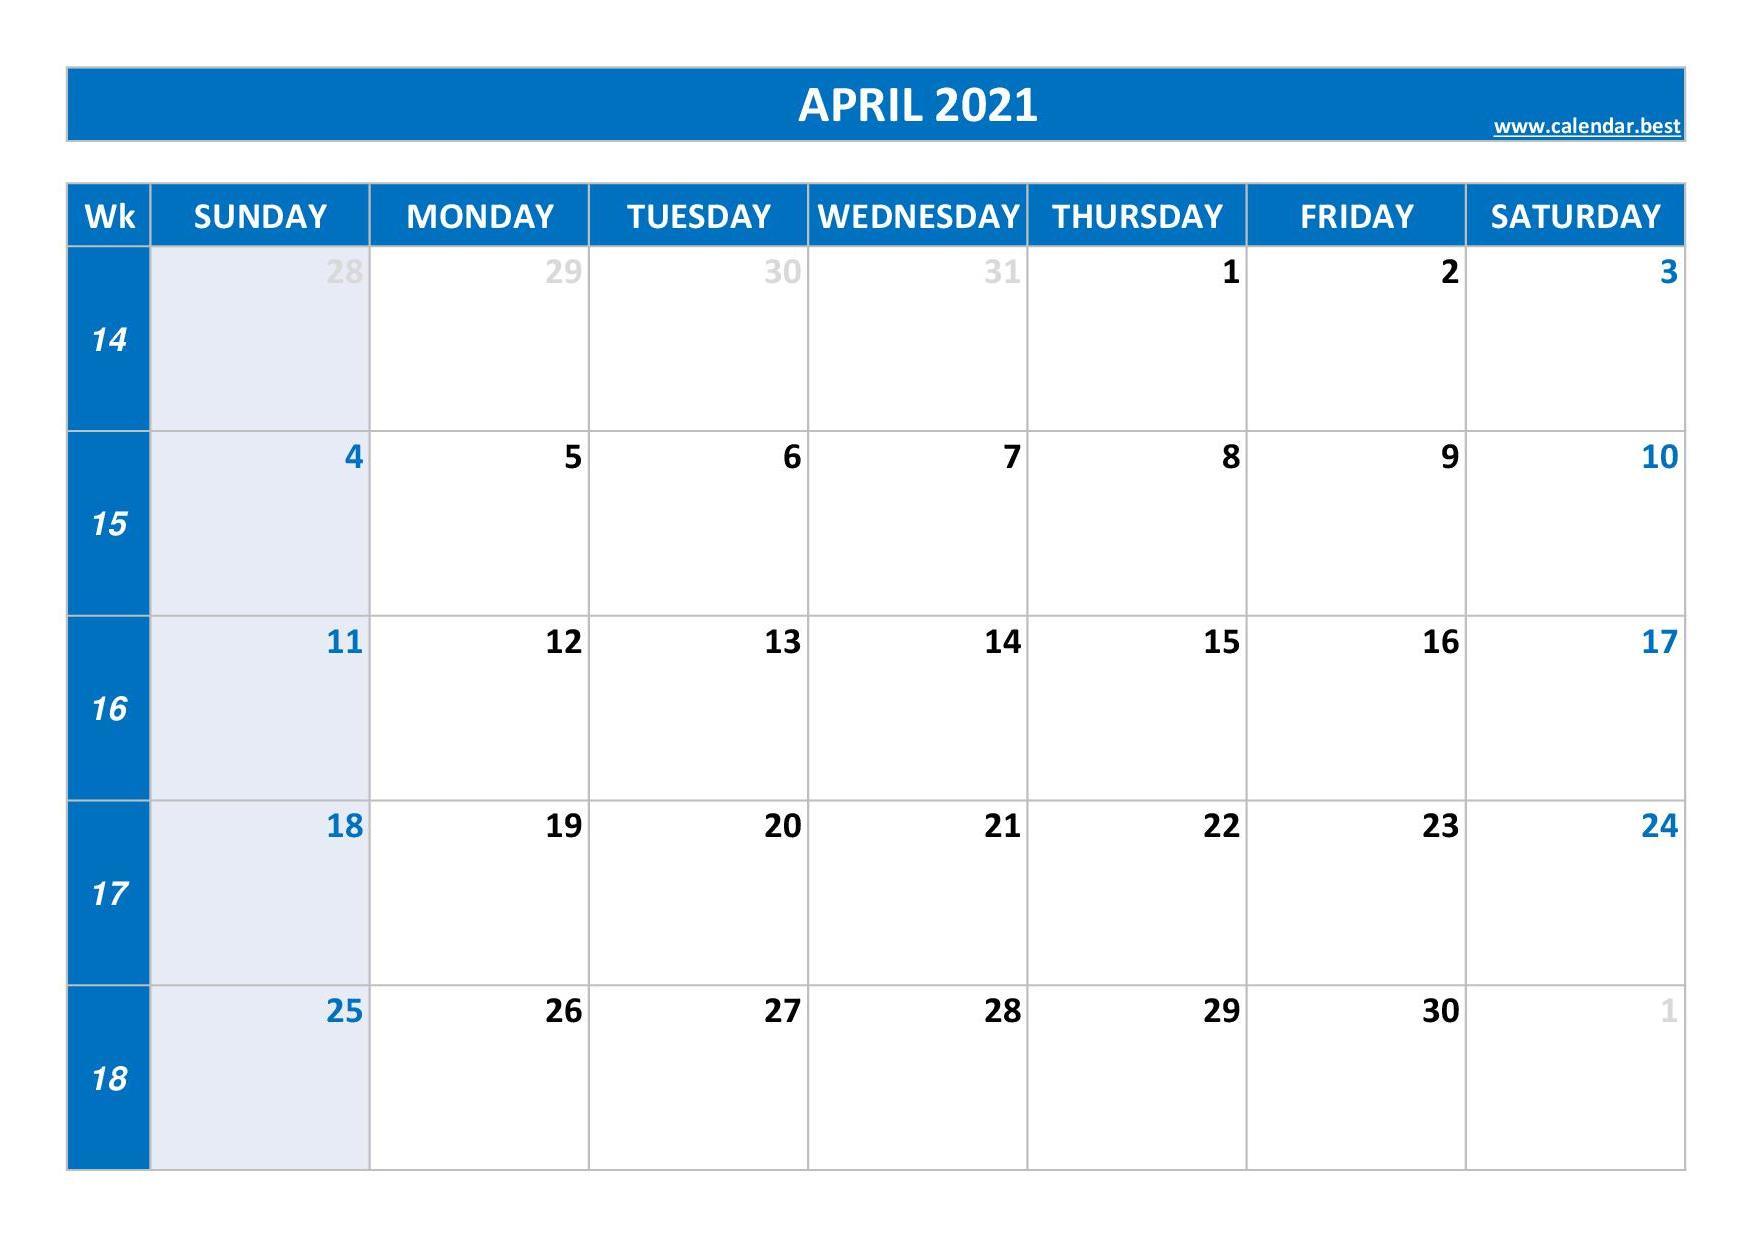 April 2021 calendar -Calendar.best